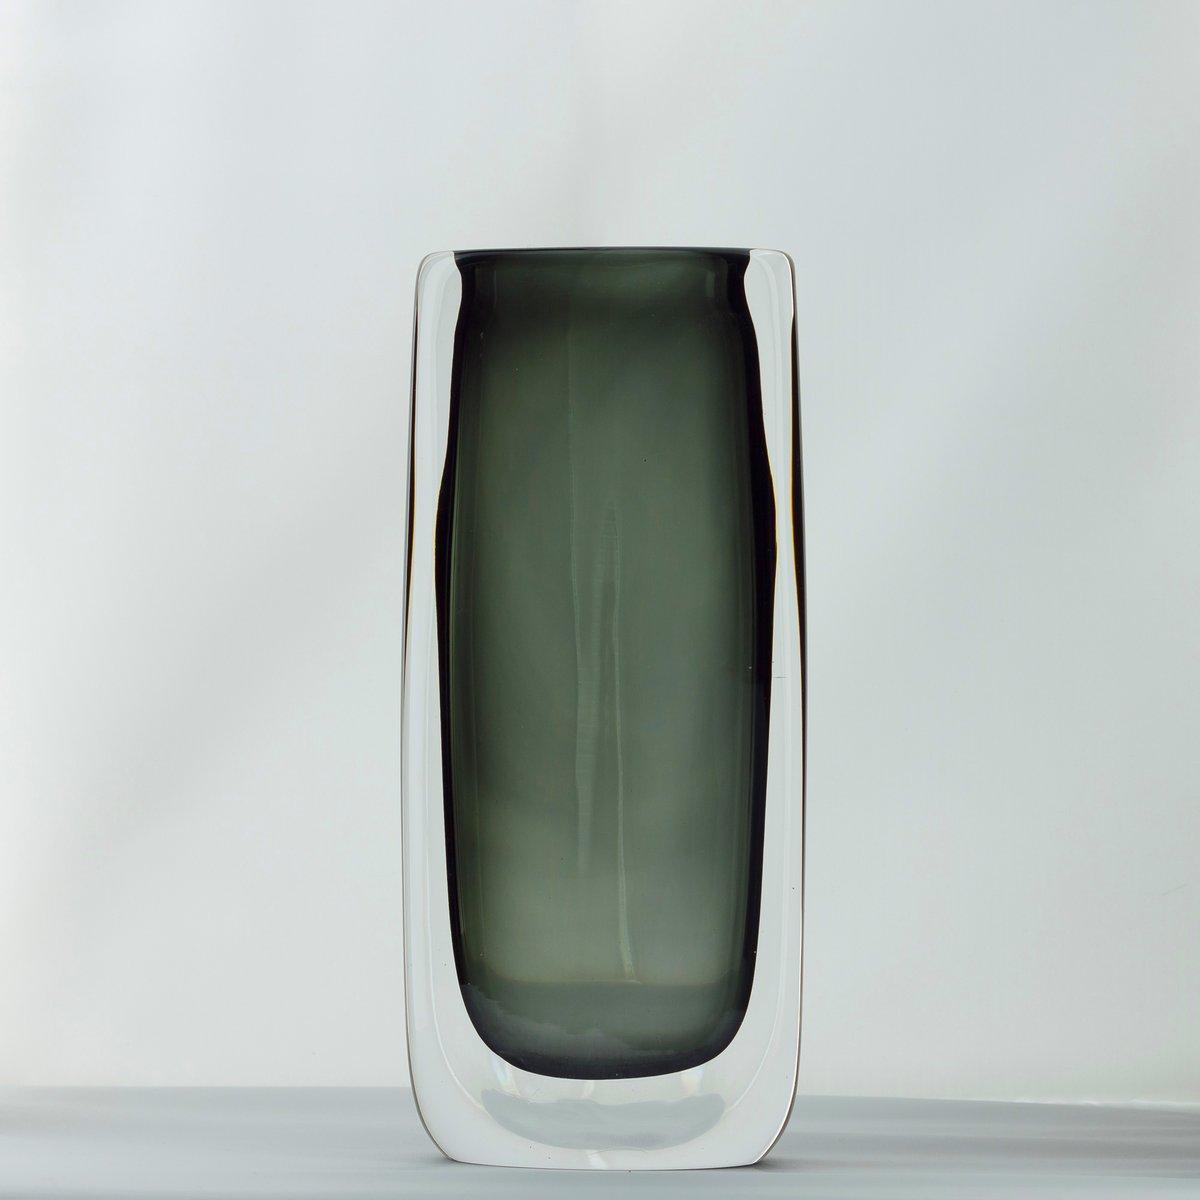 Vintage sommerso glass vase by nils landberg for orrefors 1960s vintage sommerso glass vase by nils landberg for orrefors 1960s for sale at pamono reviewsmspy